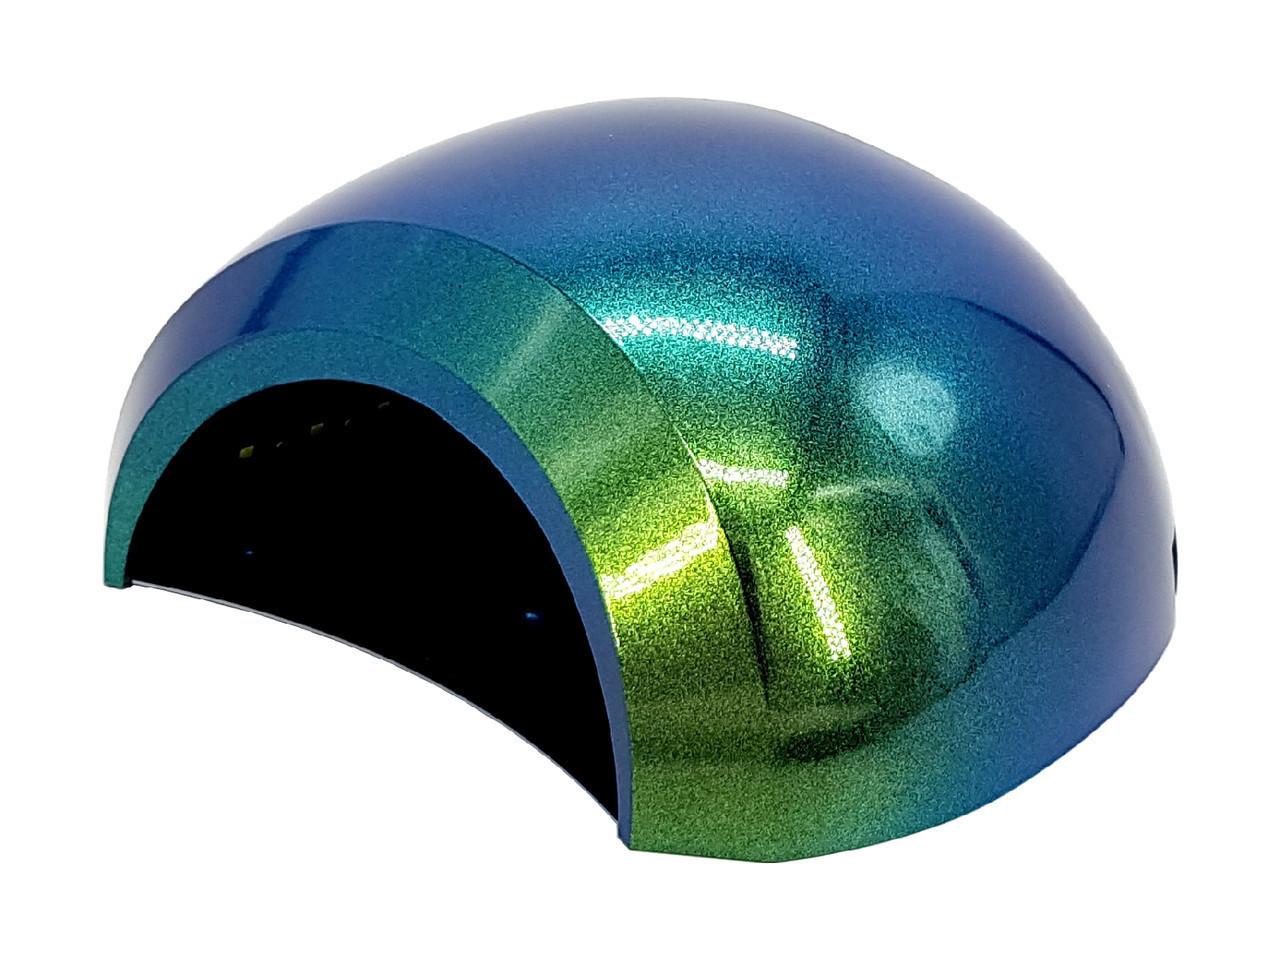 Лампа TNL Professional-004 48W LED+UV для маникюра (полимеризации гель-лака, геля) Изумрудный хамелеон